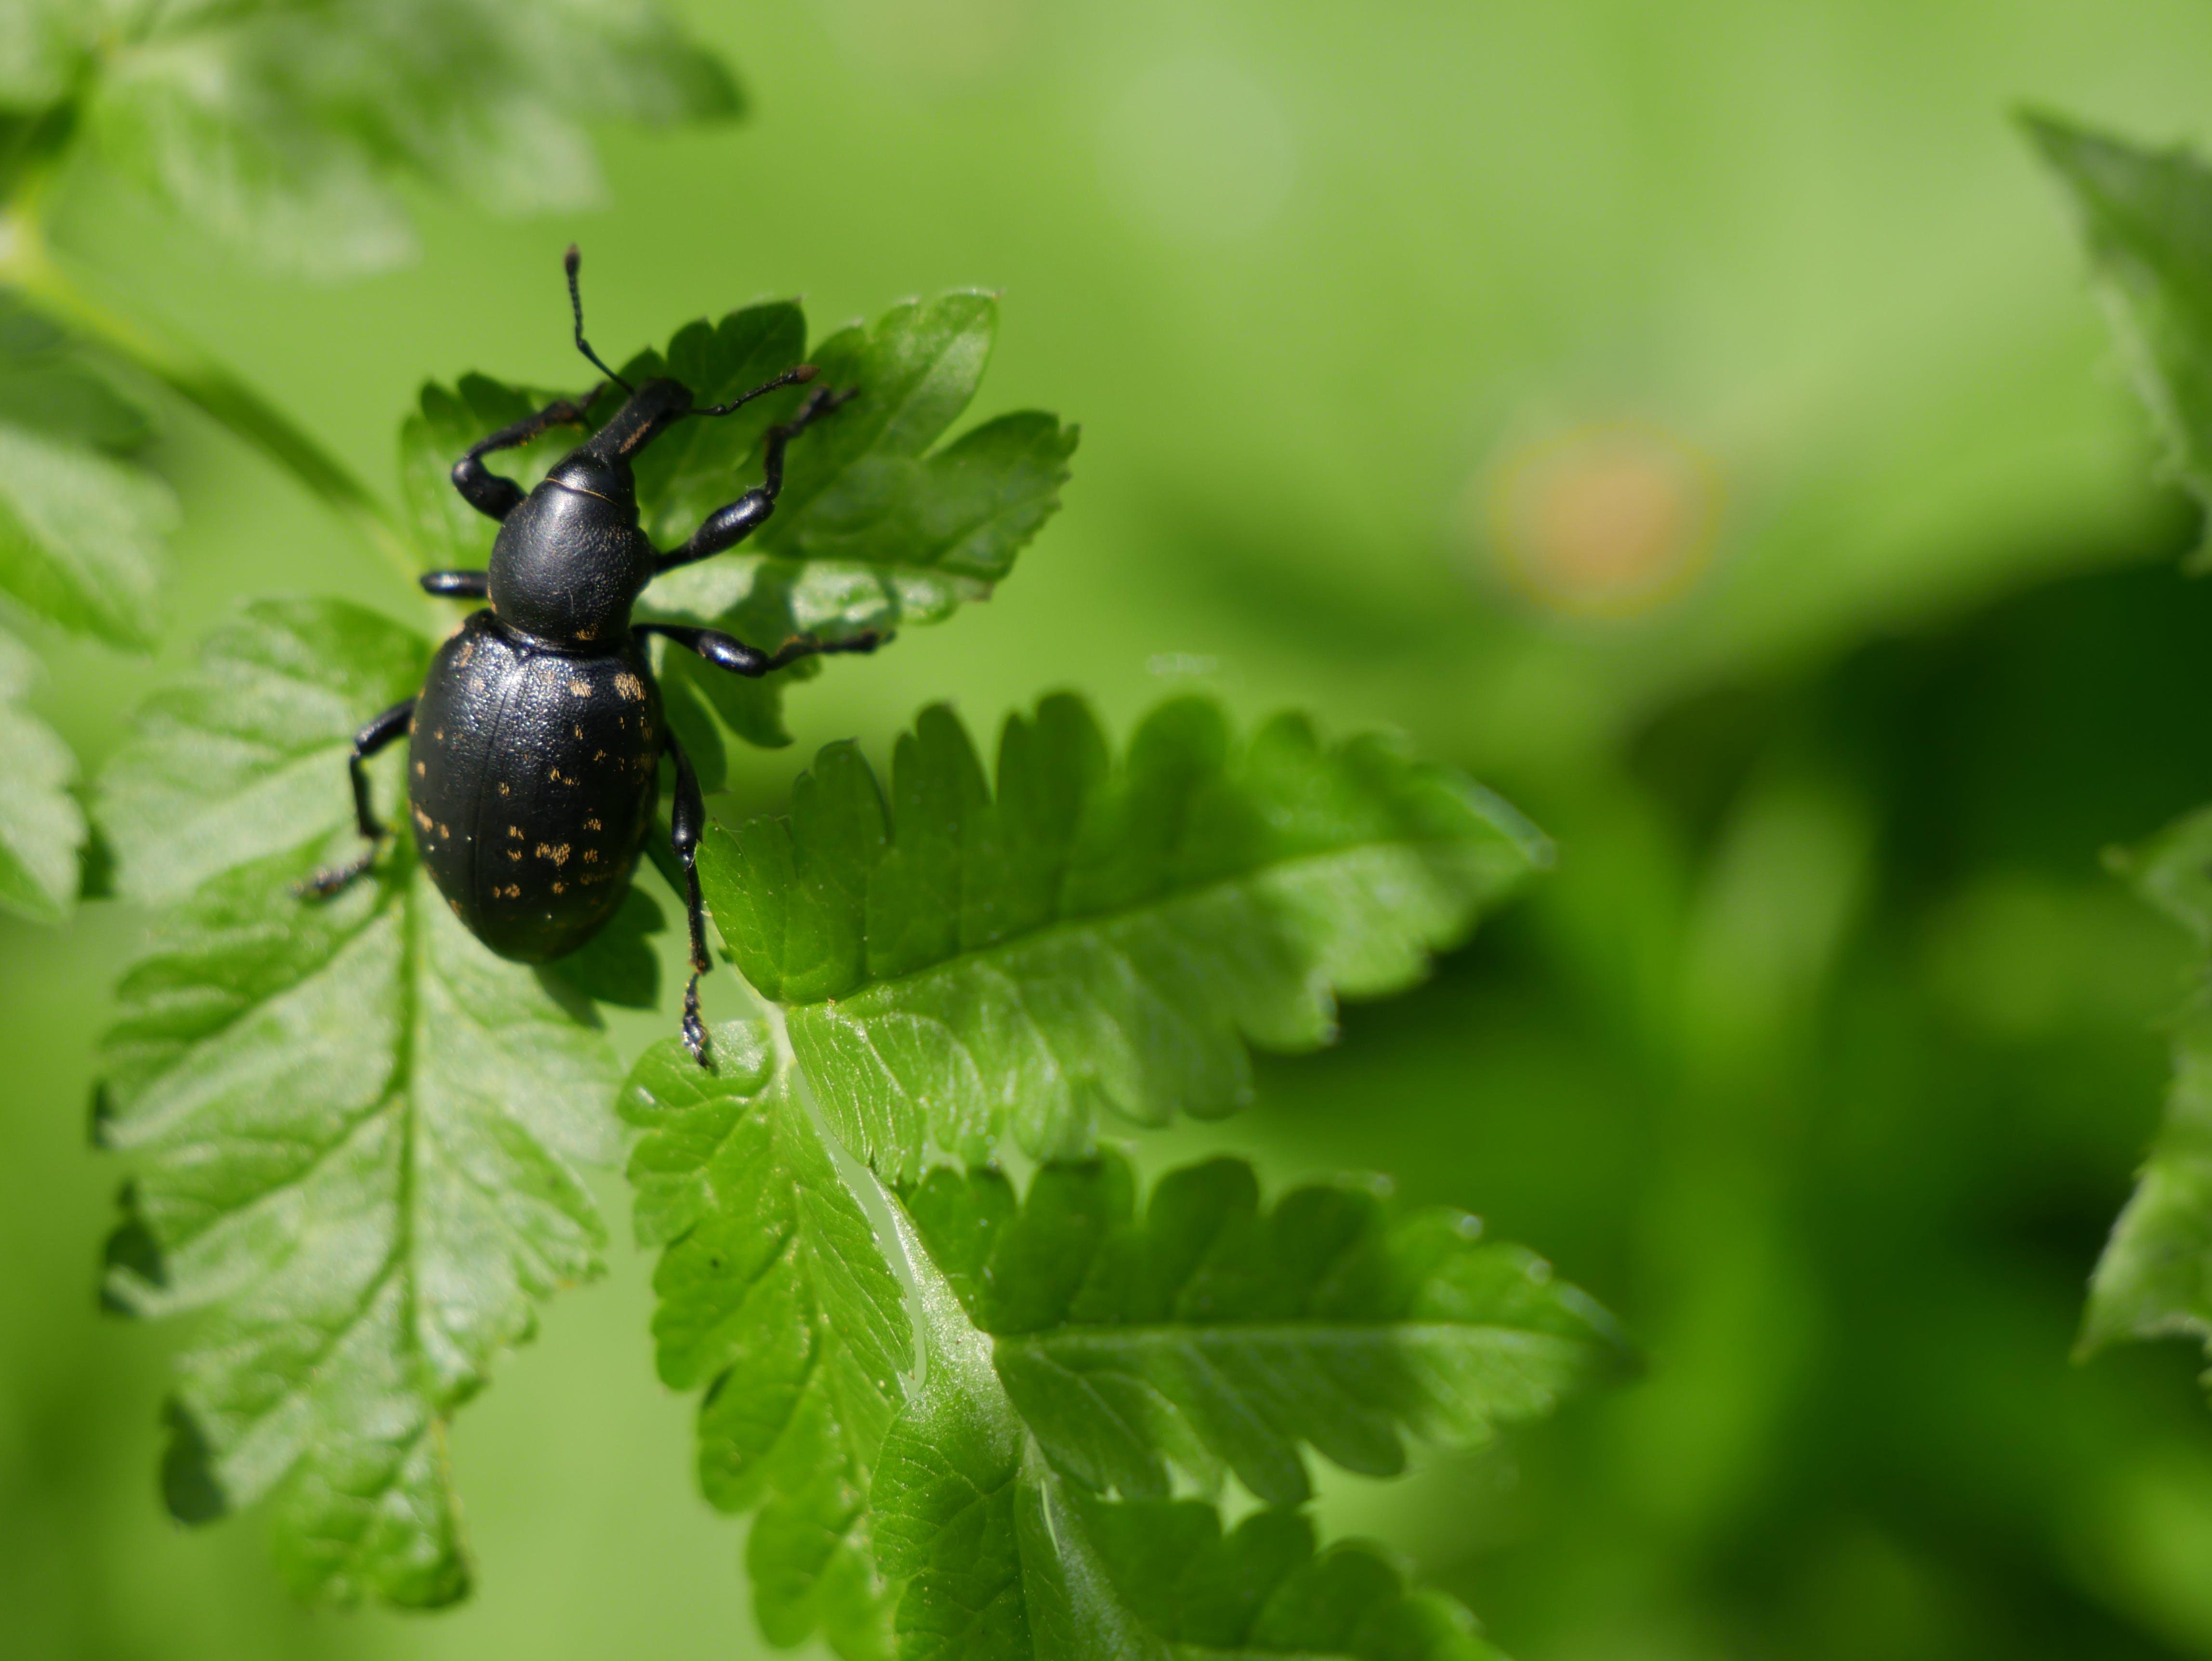 Black Weevil on Green Leaf